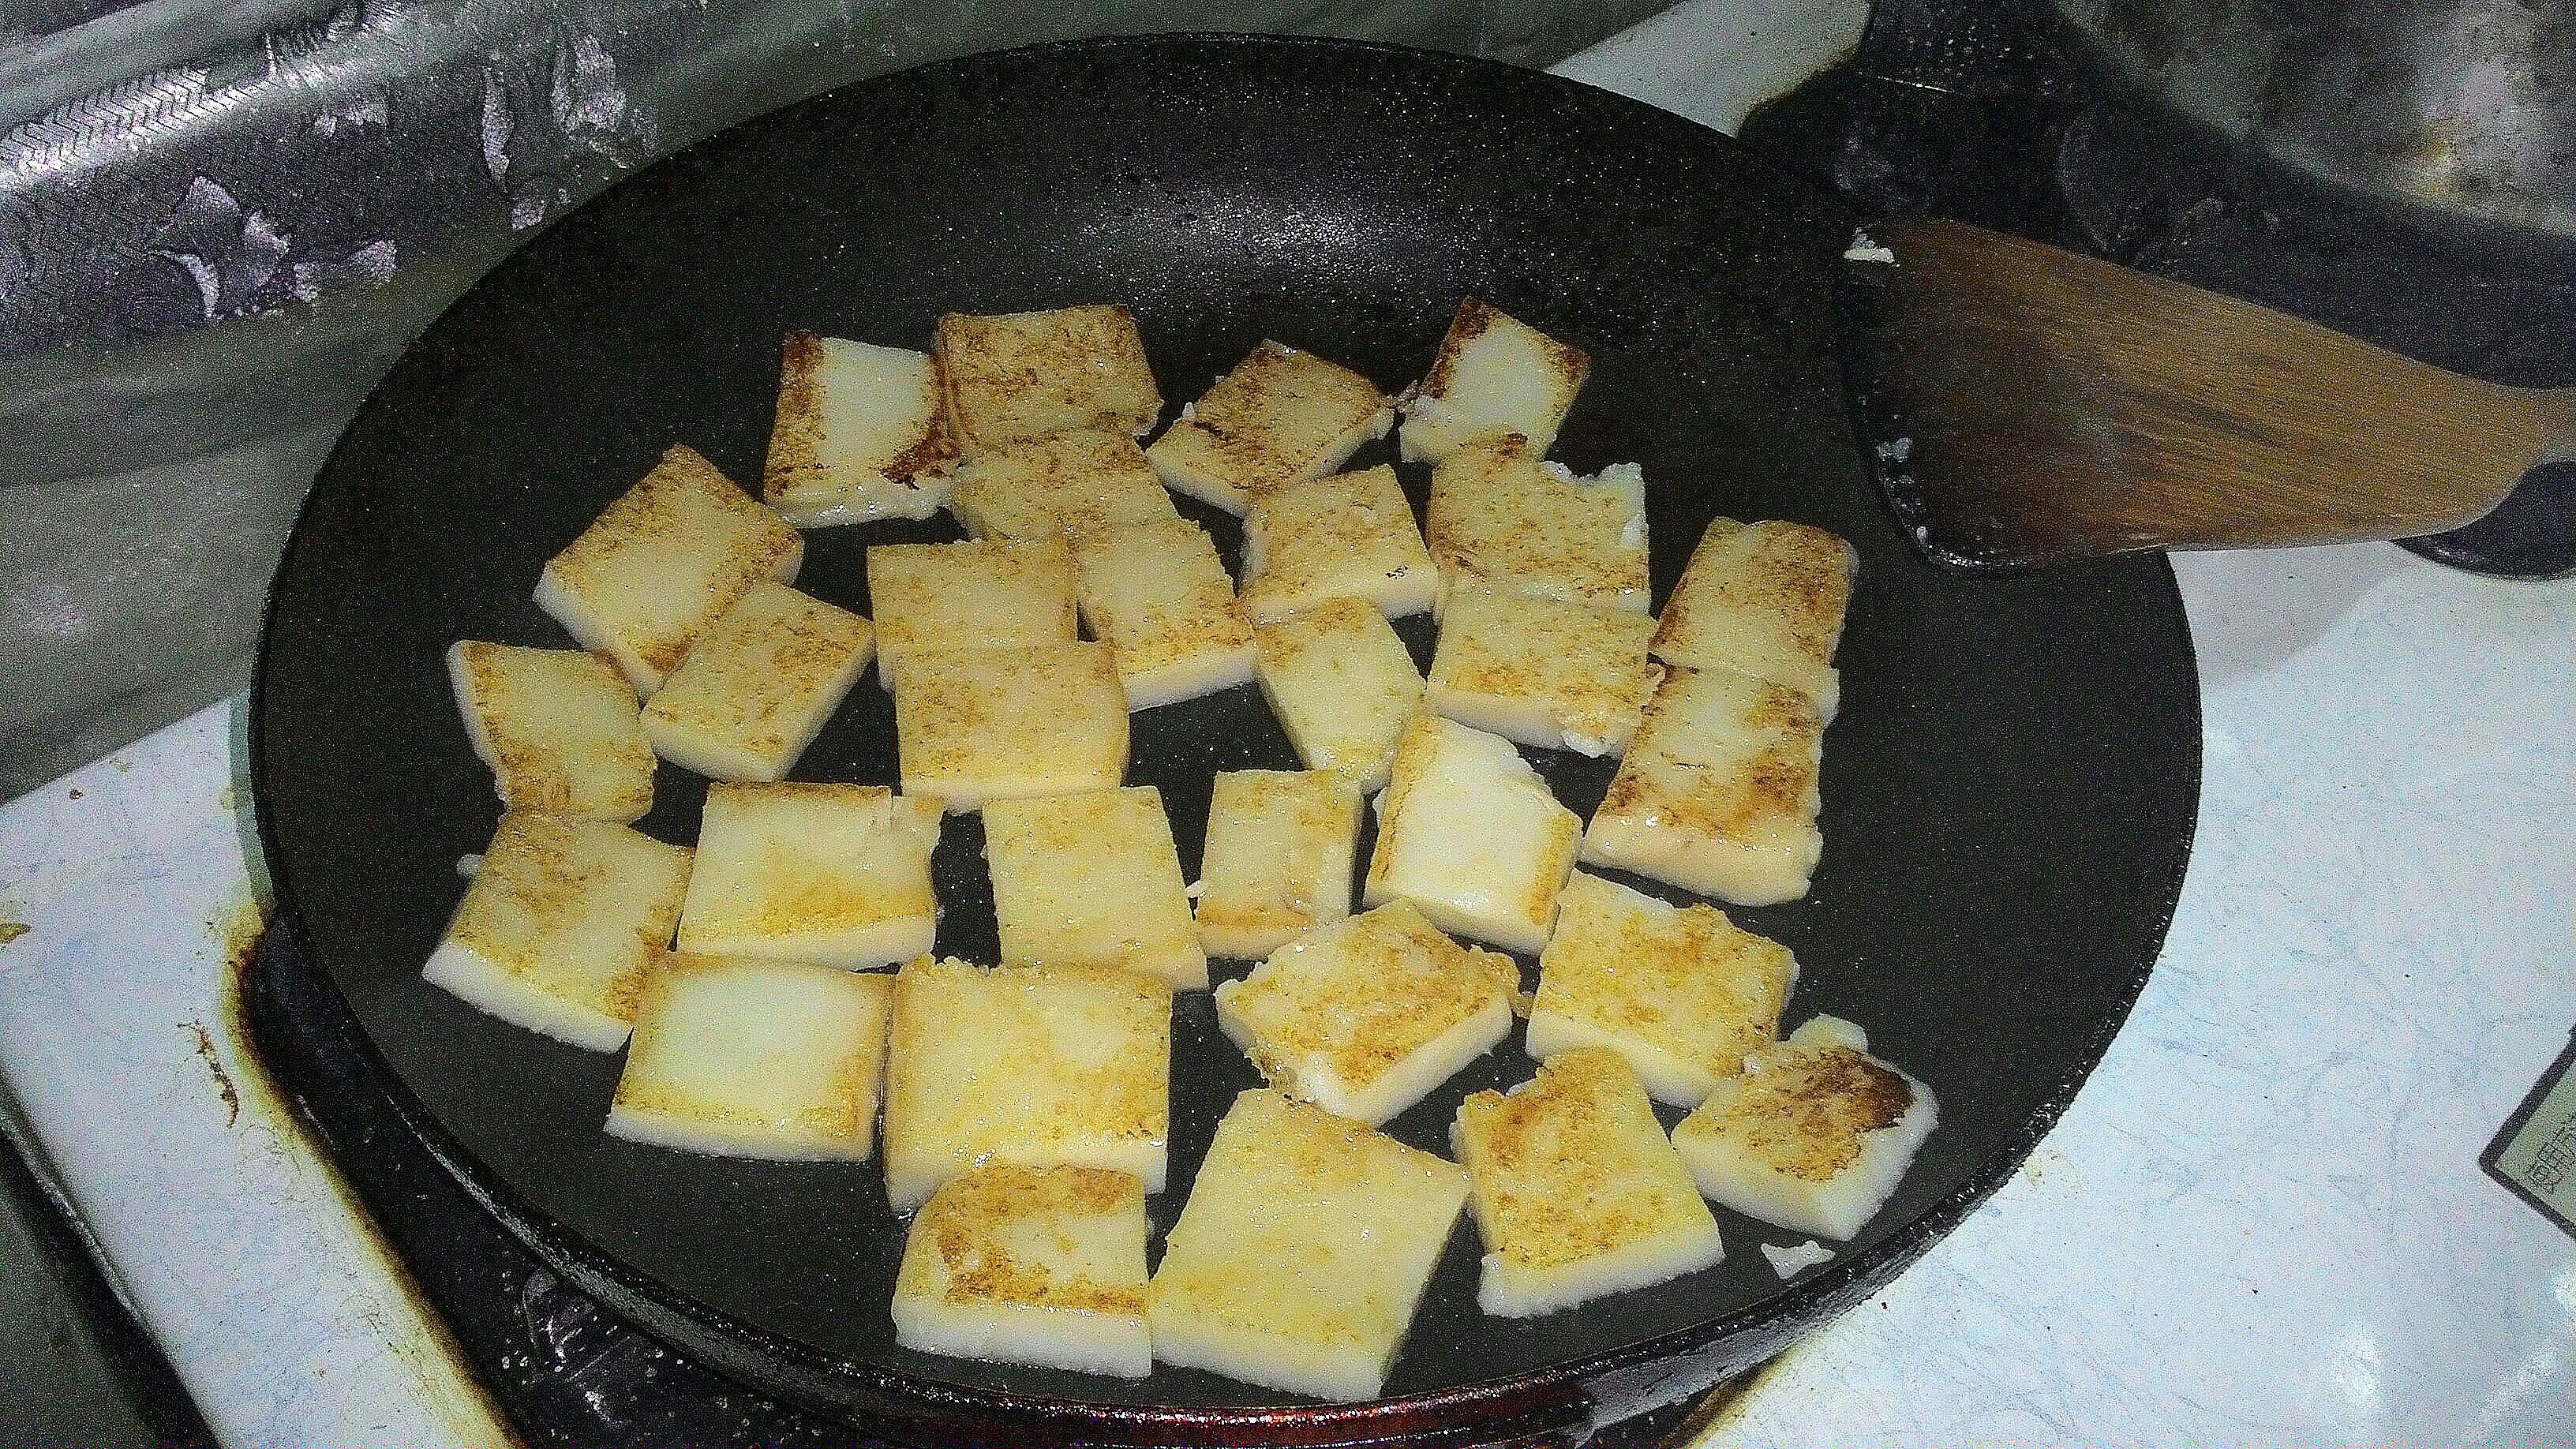 將蘿蔔糕翻面,煎至微焦。